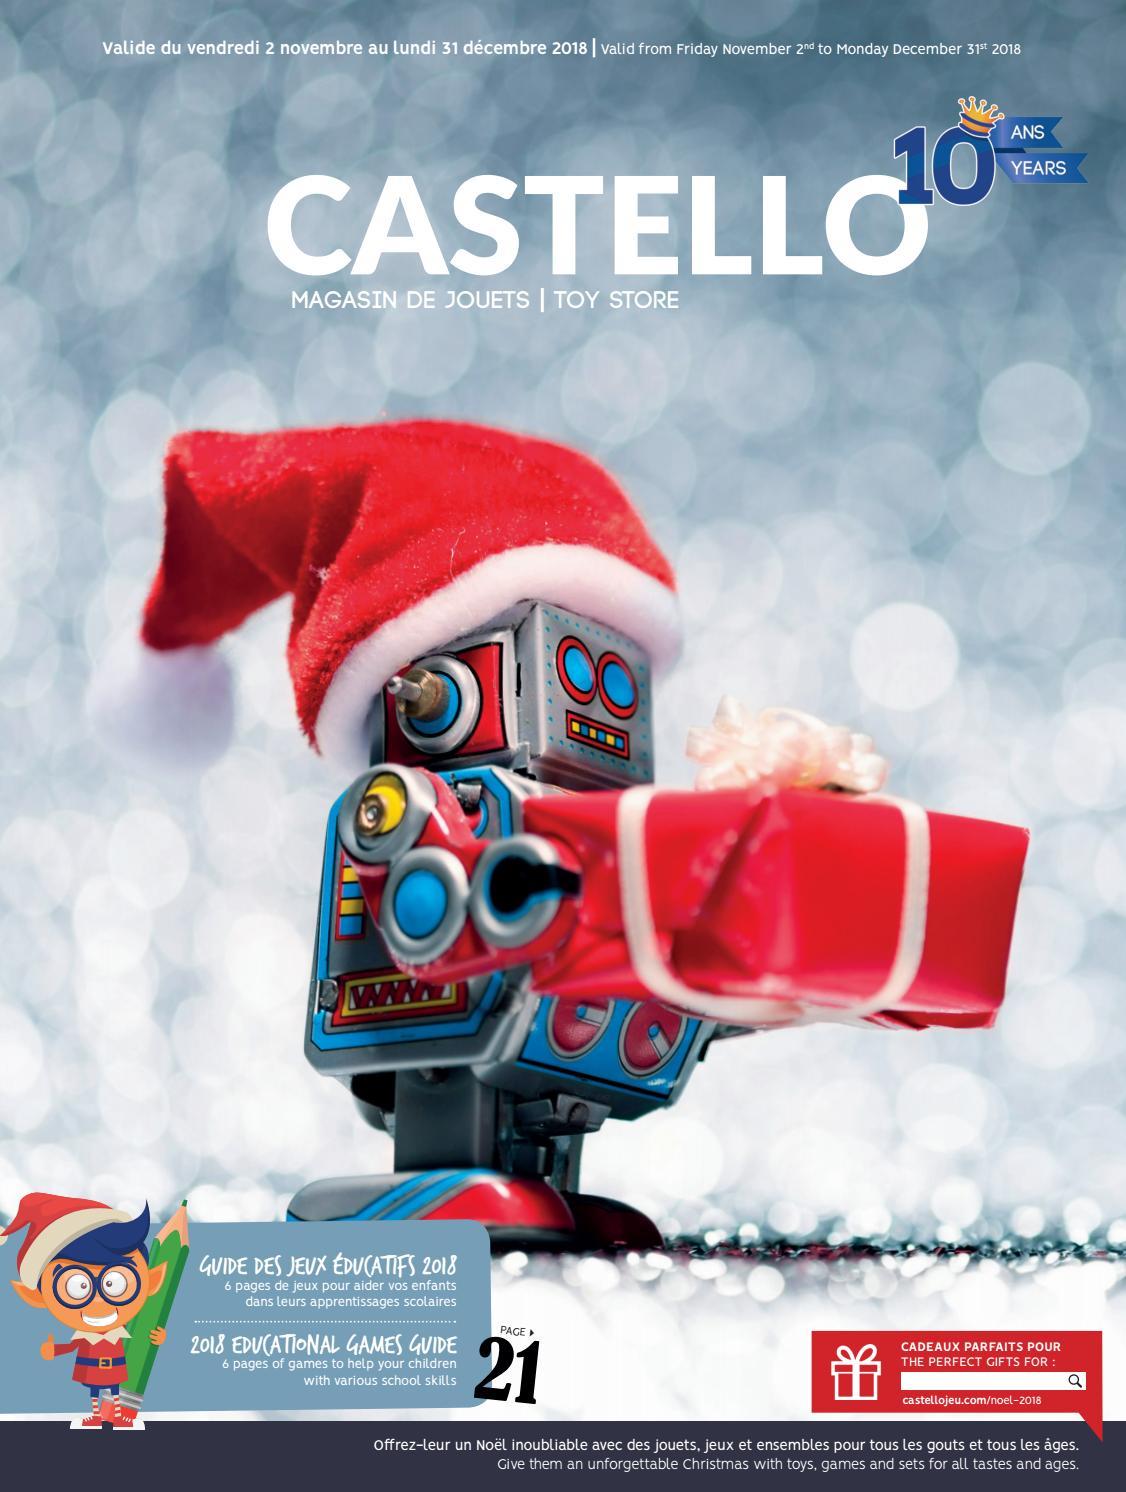 Catalogue De Noël 2018 - Castello By Castellojeu - Issuu à Jeux Educatif 10 Ans